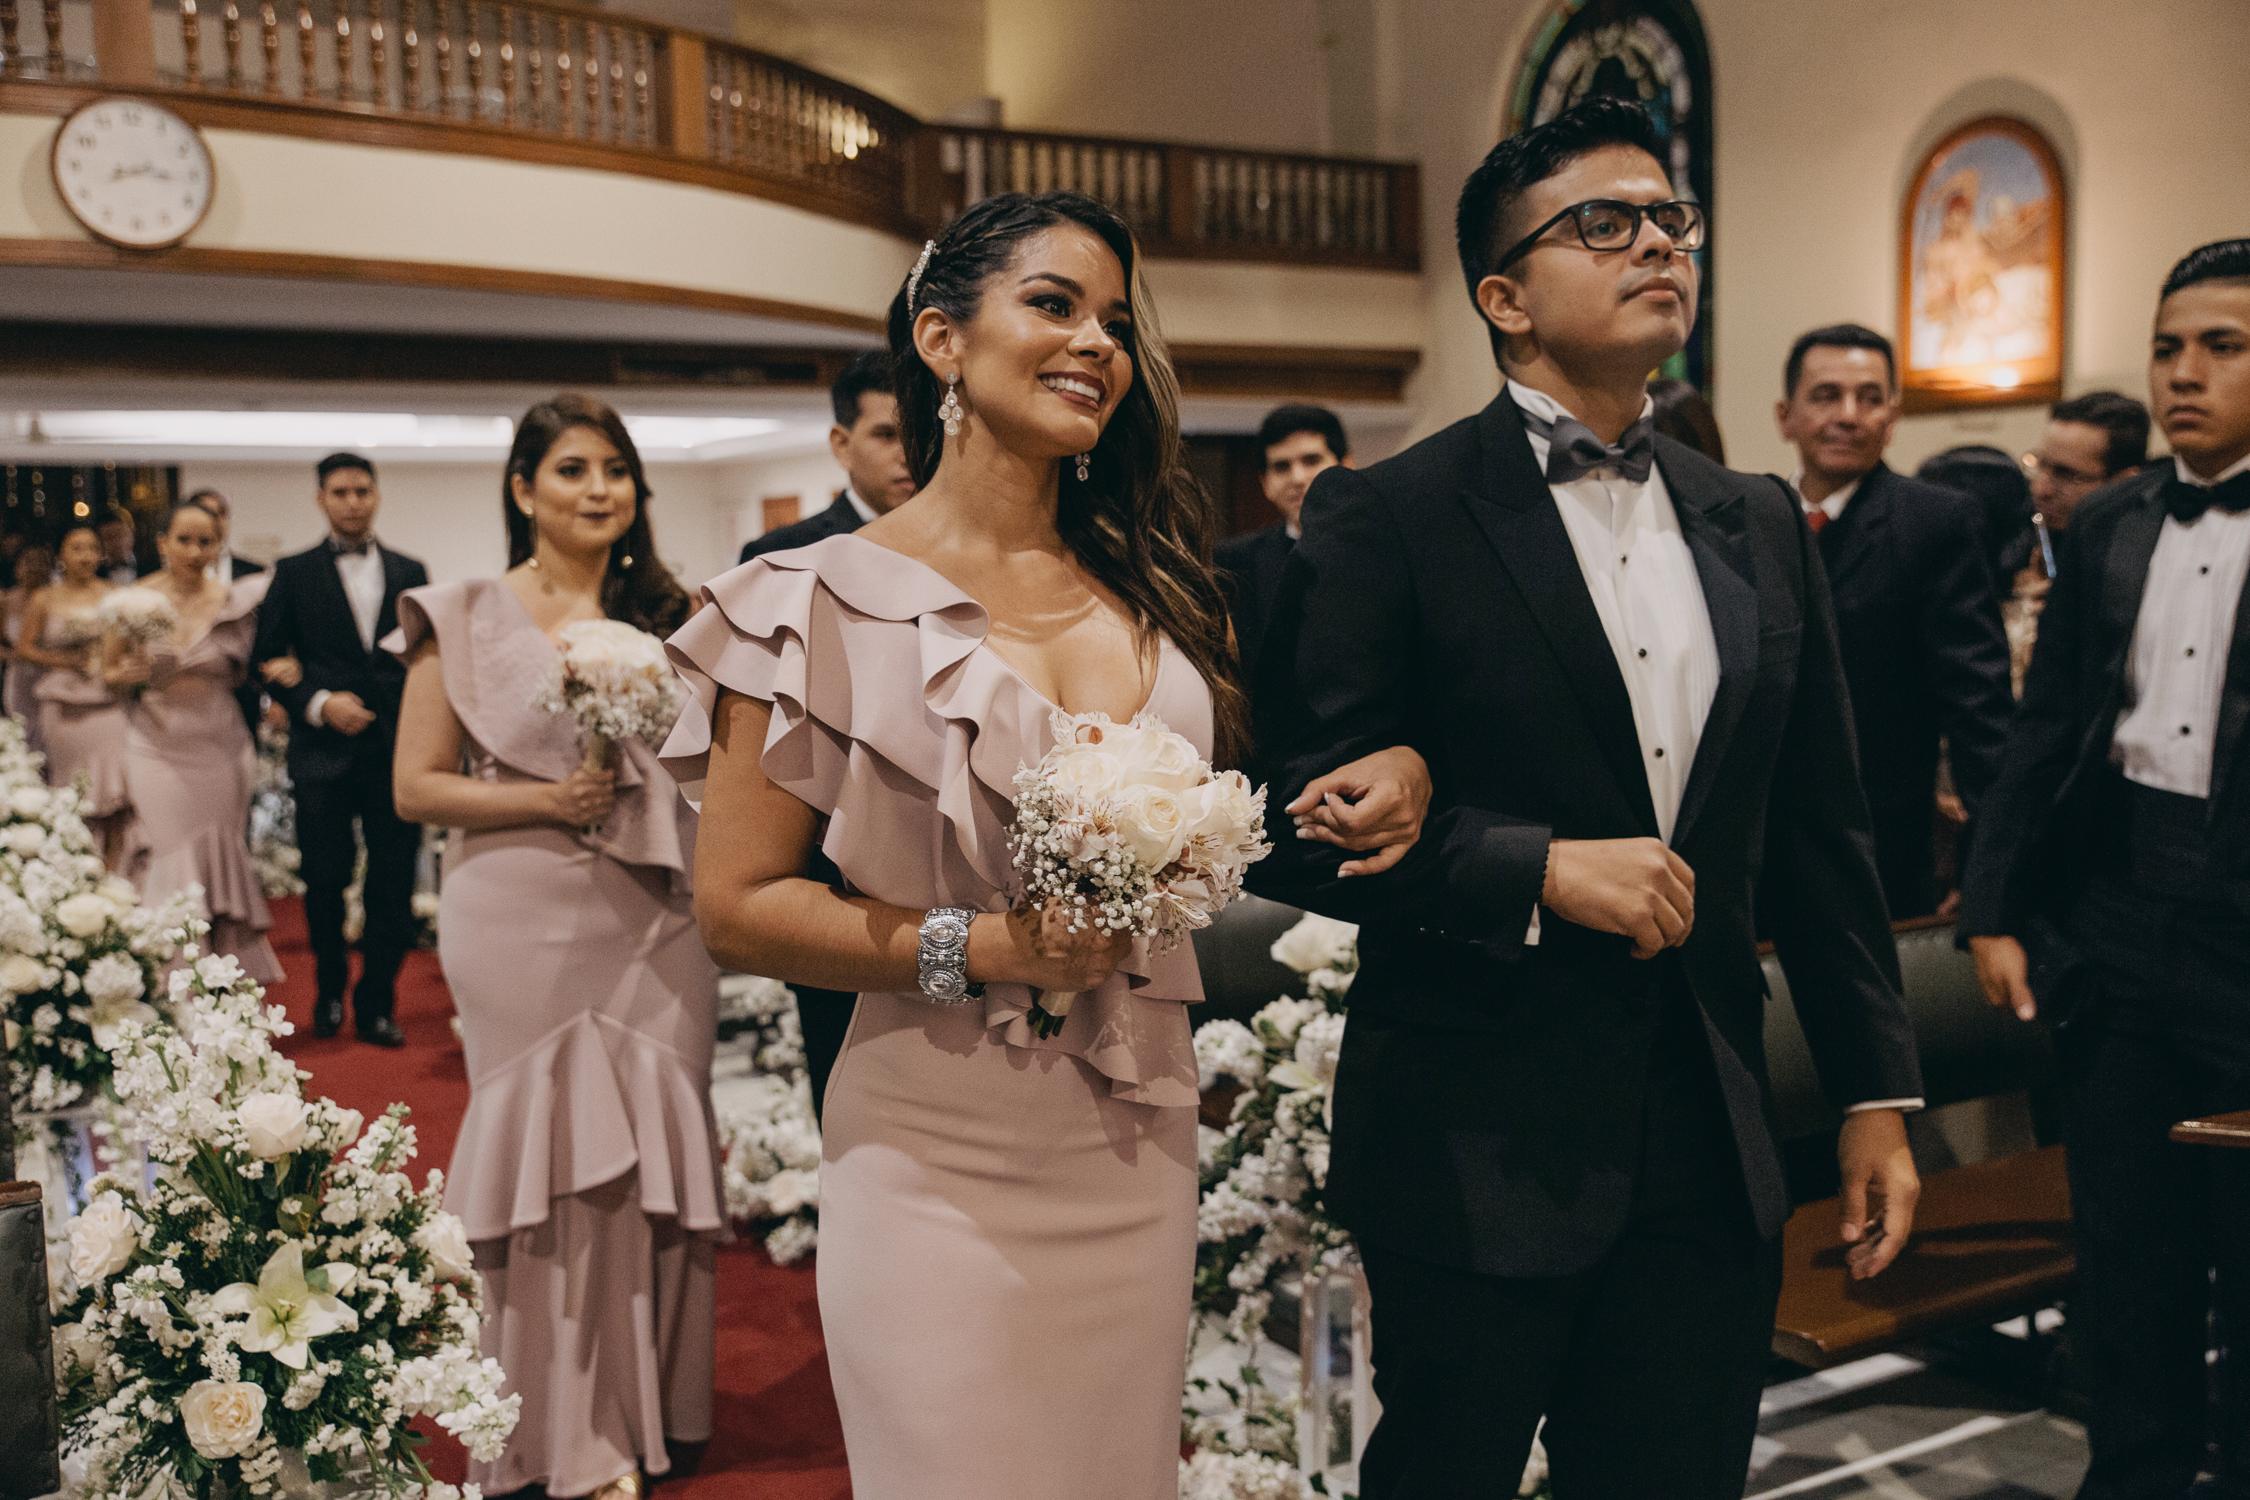 Michelle-Agurto-Fotografia-Bodas-Ecuador-Destination-Wedding-Photographer-Patricia-Guido-82.JPG